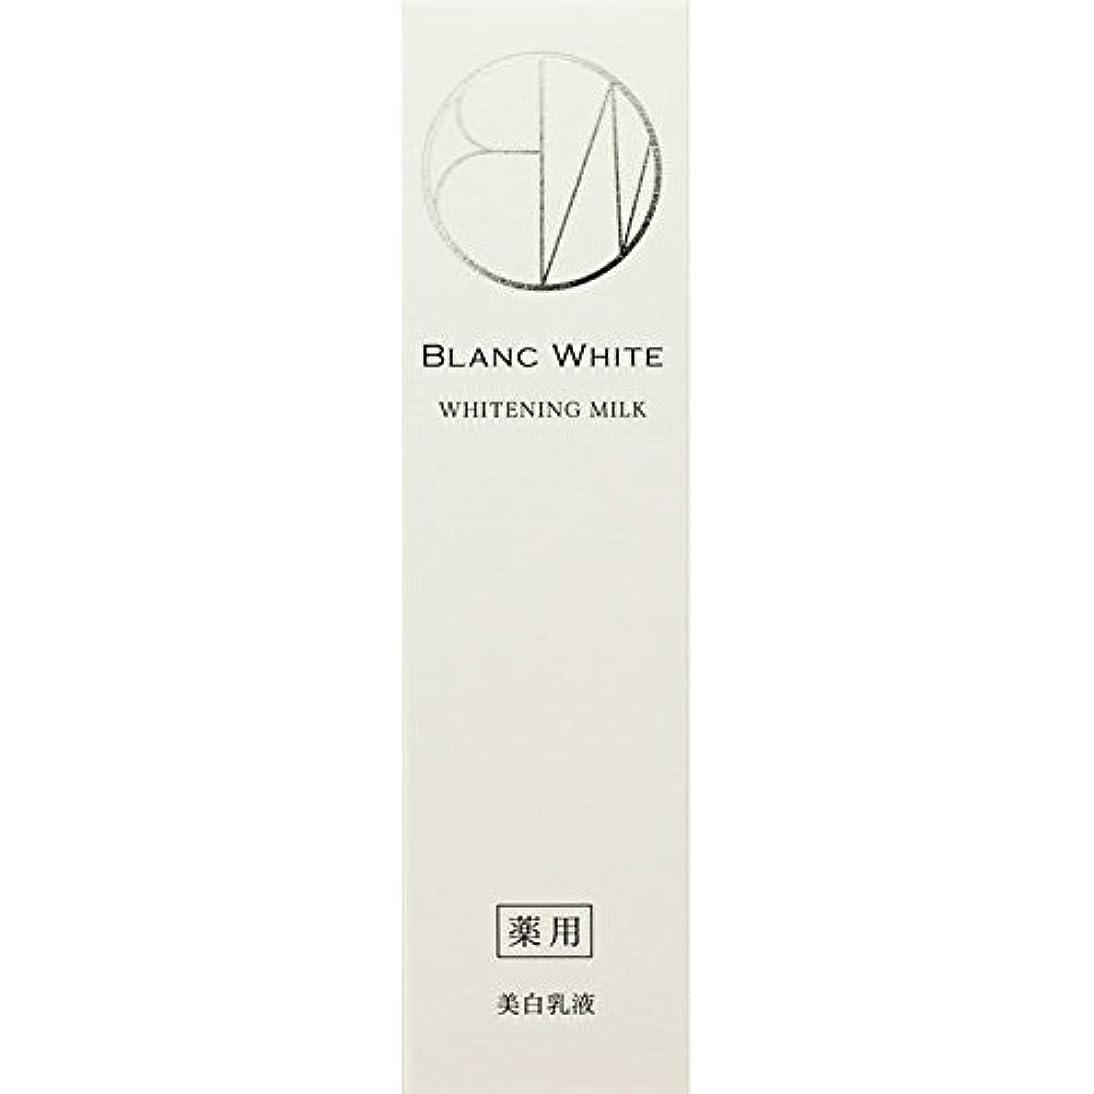 面積リスナー悪化するブランホワイト ホワイトニングミルク 125ml (医薬部外品)